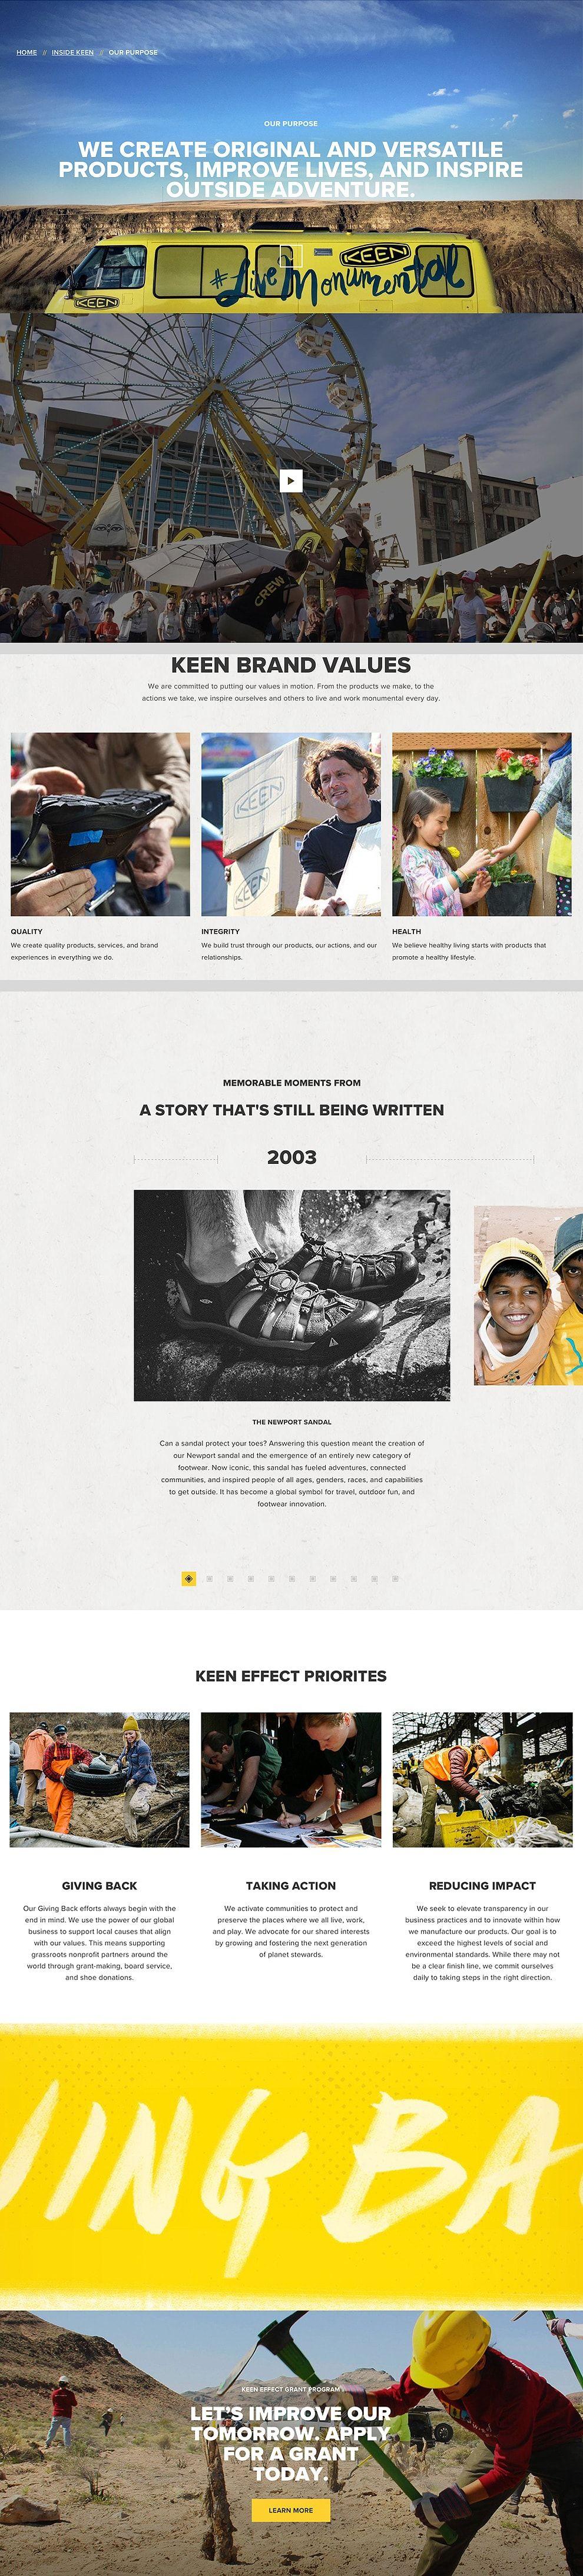 Keen Footwear Engaging Website Design